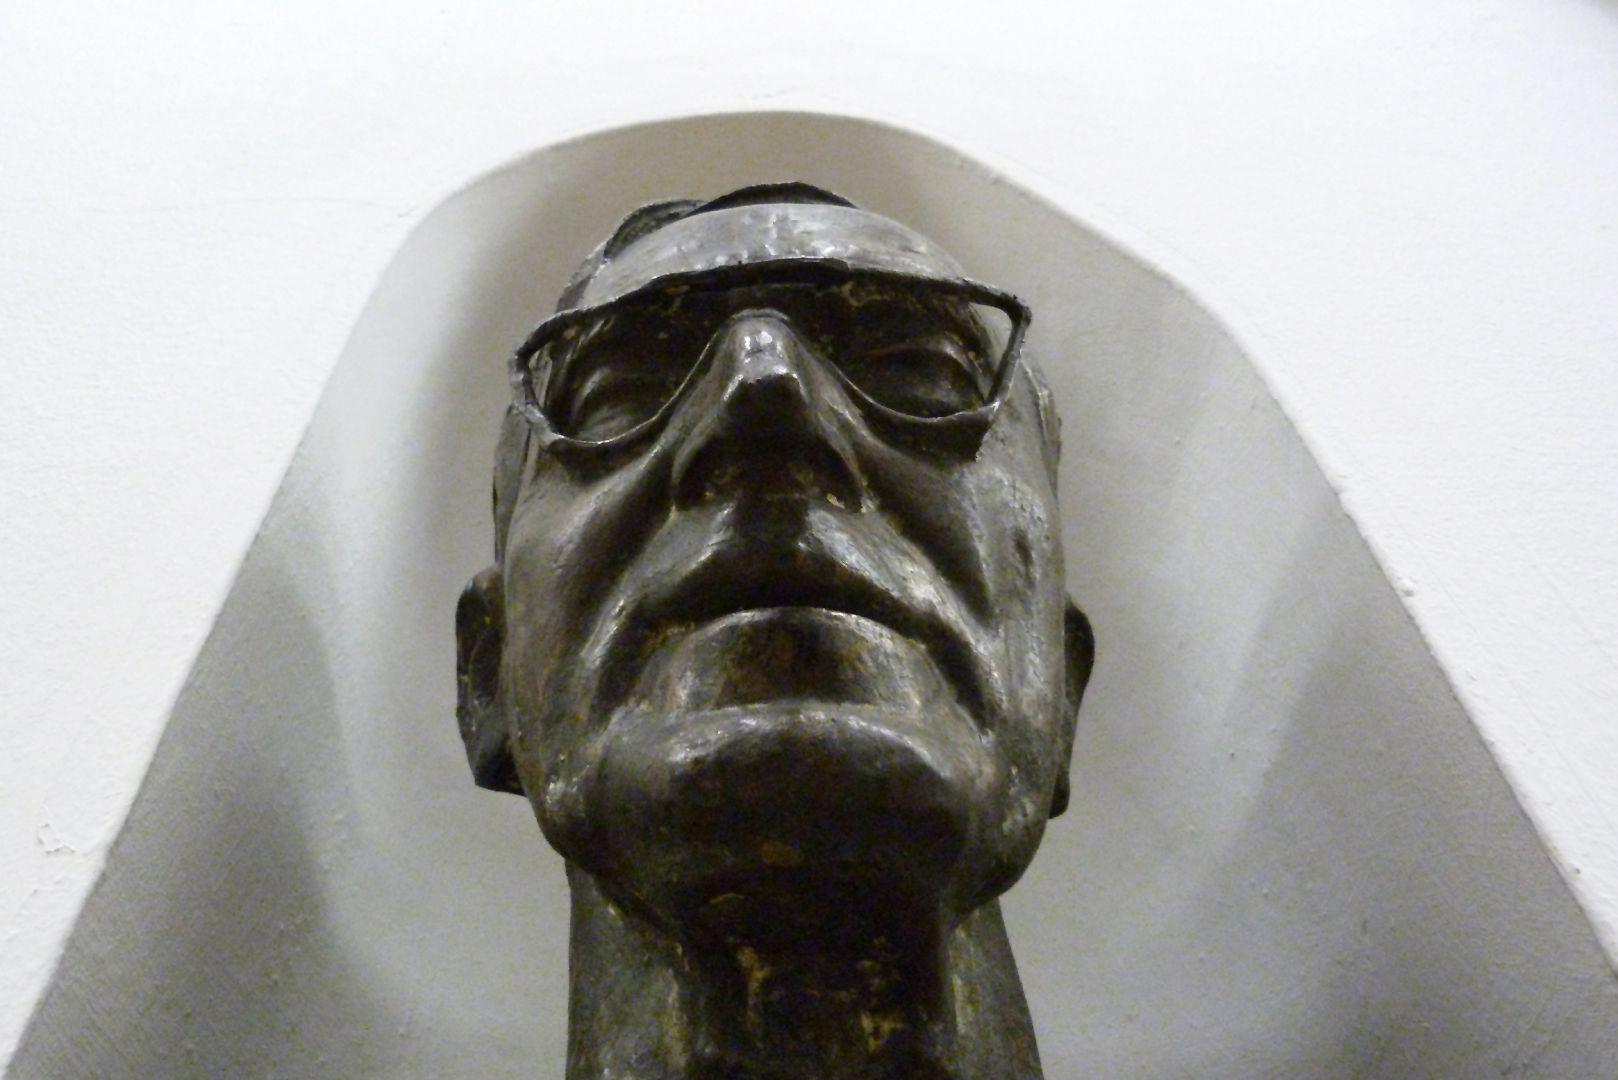 Wilhelm Rieger View from below